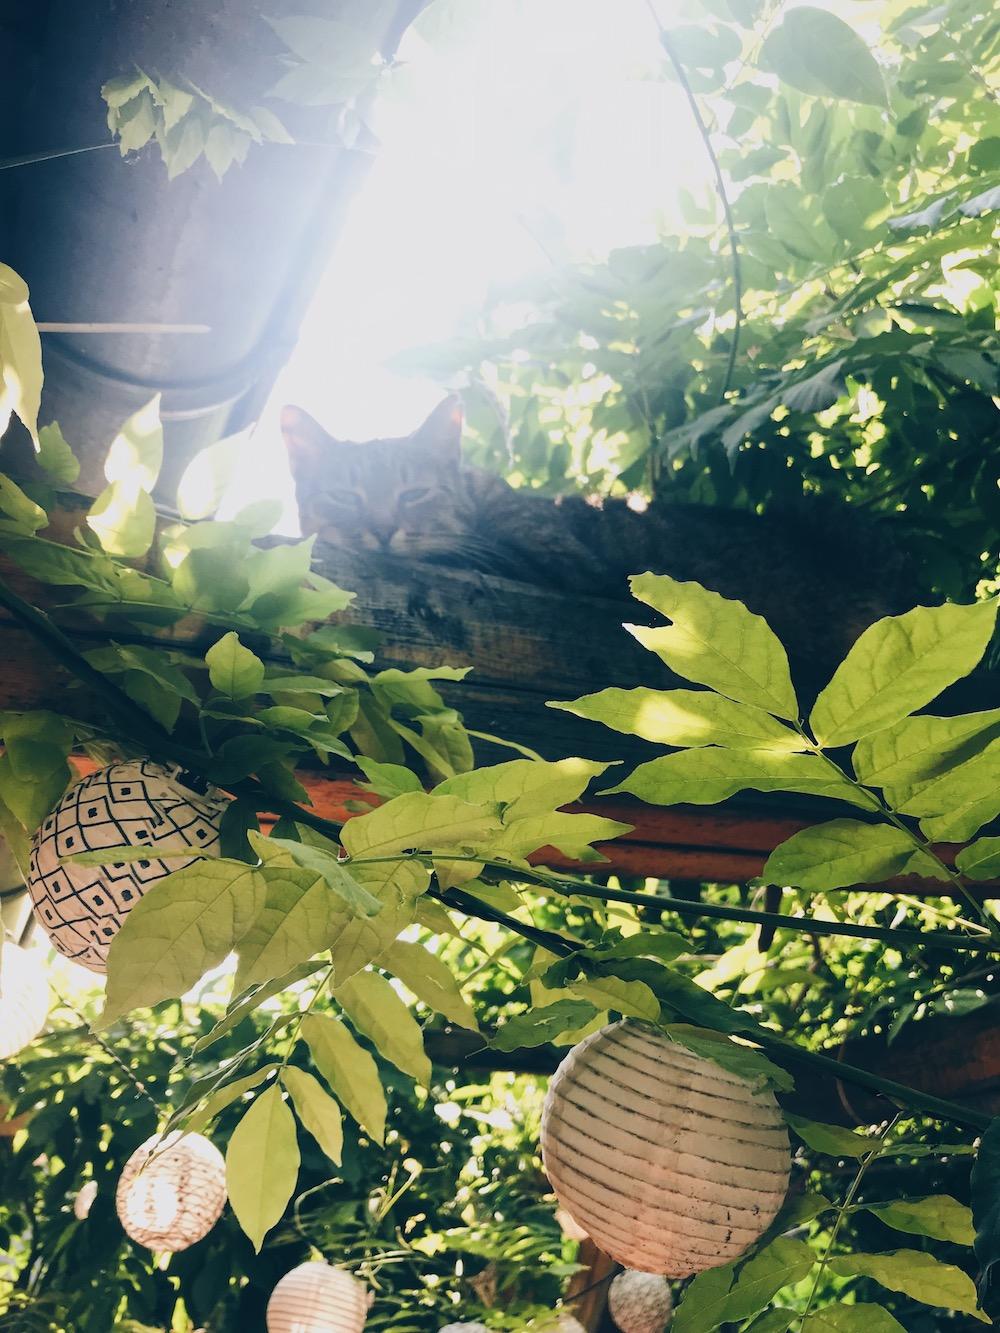 kočka na střeše